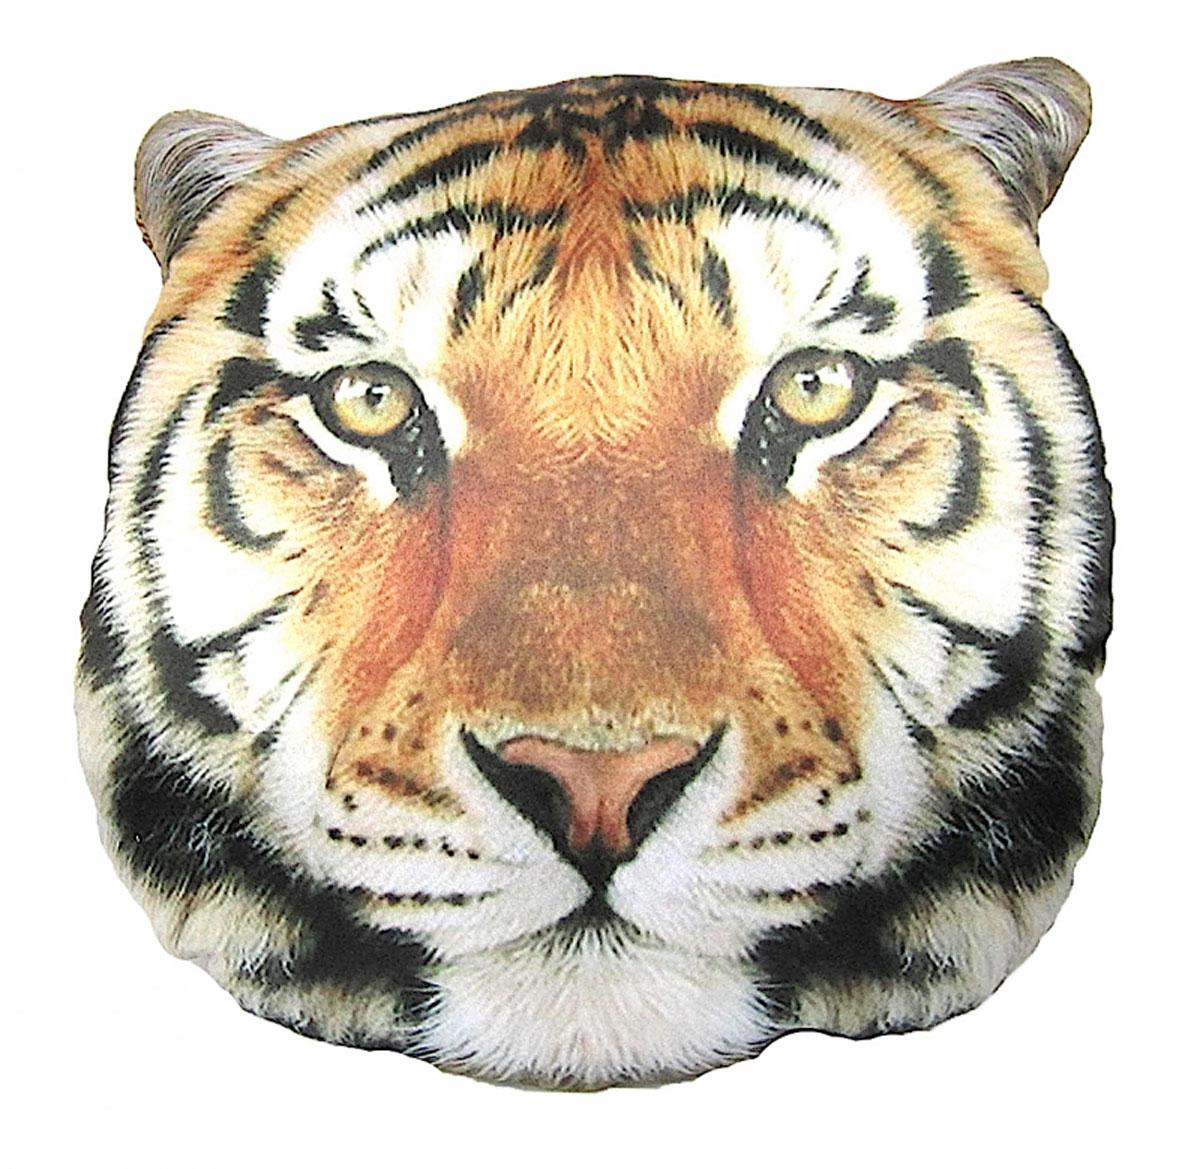 Подушка декоративная Gift'n'Home Тигр, 40 x 40 см ортопедическая подушка в автомобиль в кировограде